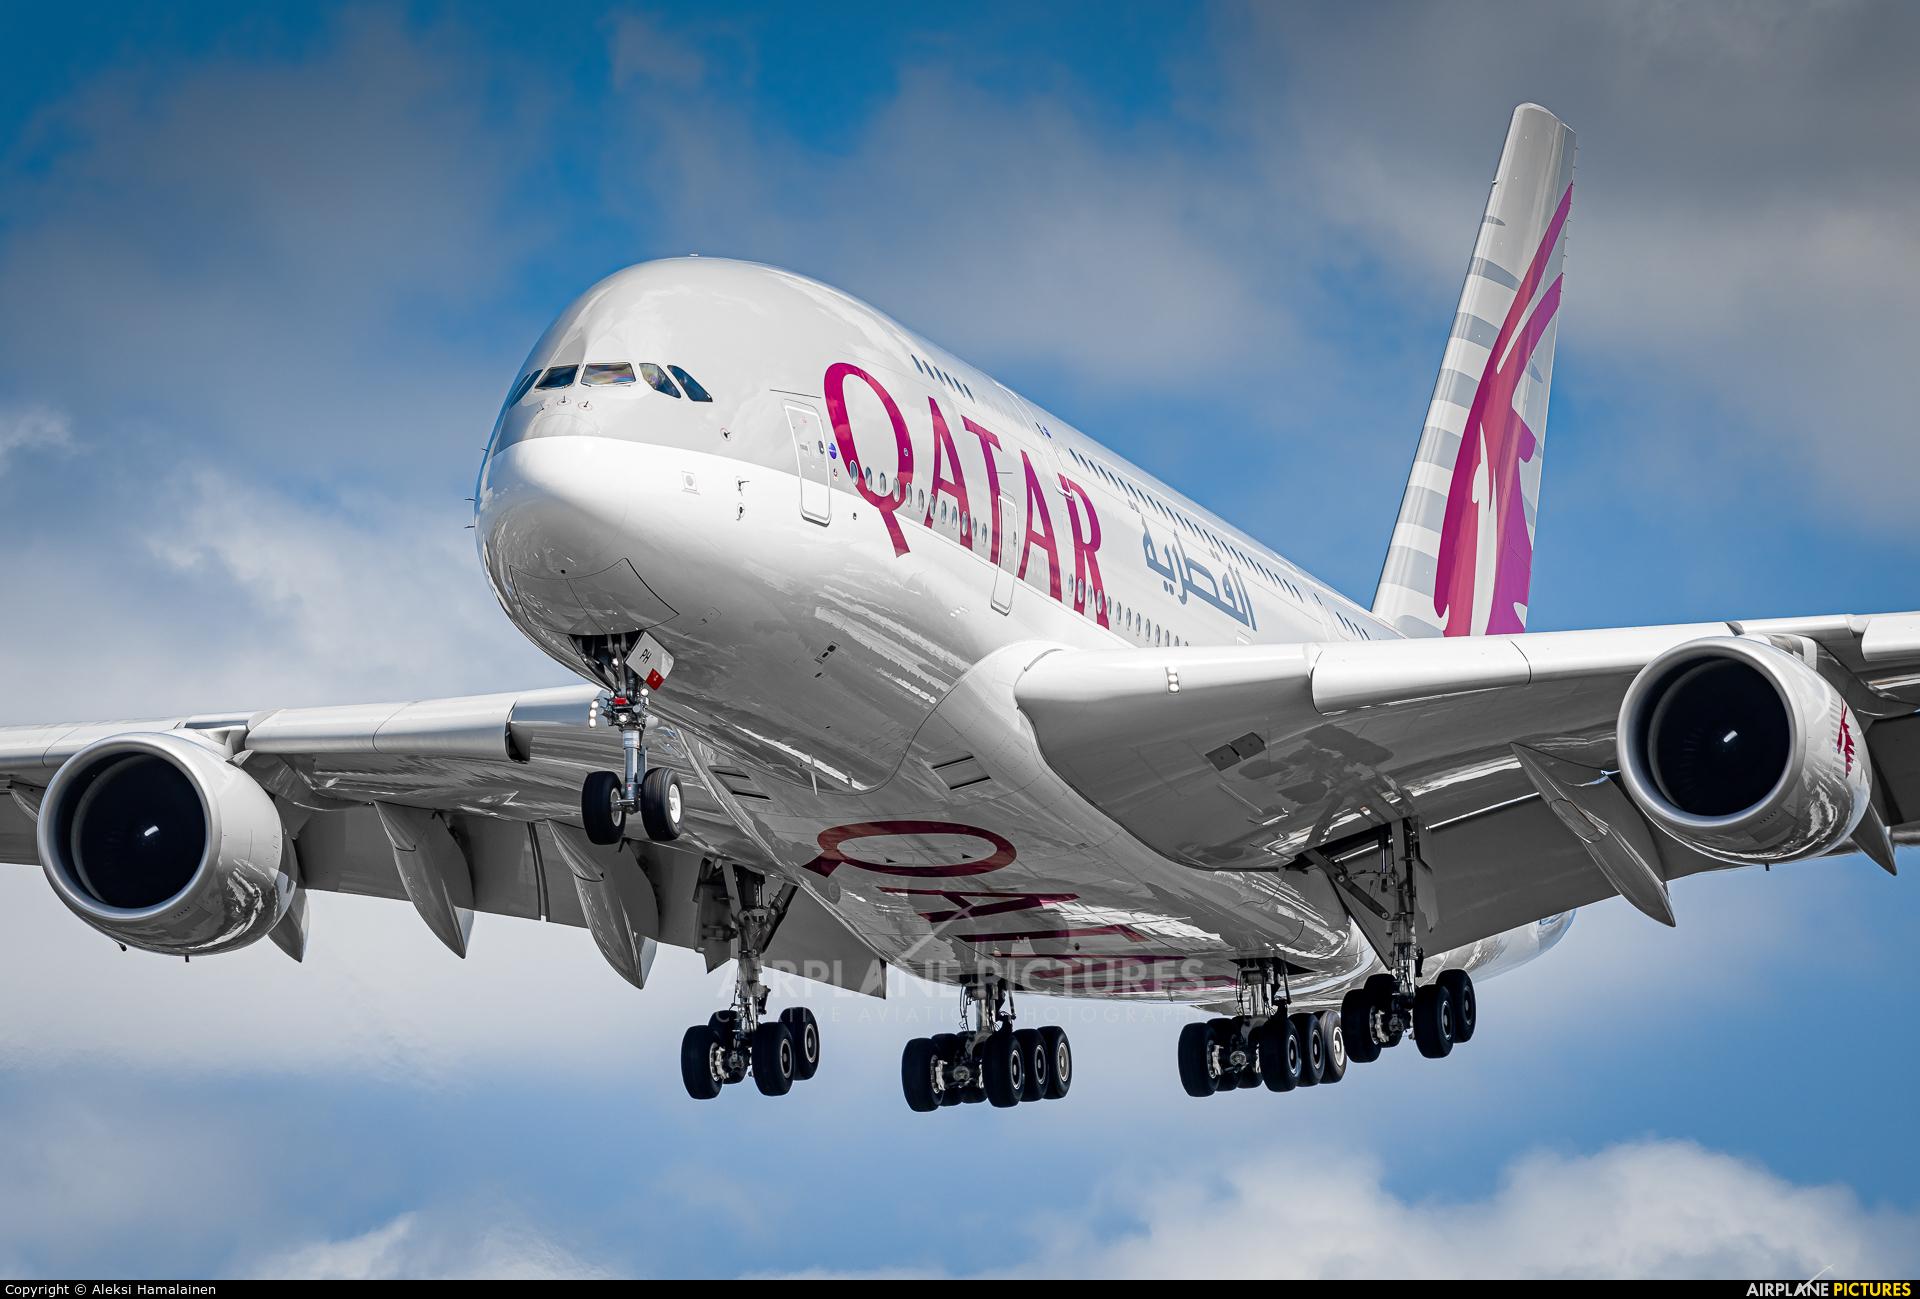 Qatar Airways A7-APH aircraft at London - Heathrow